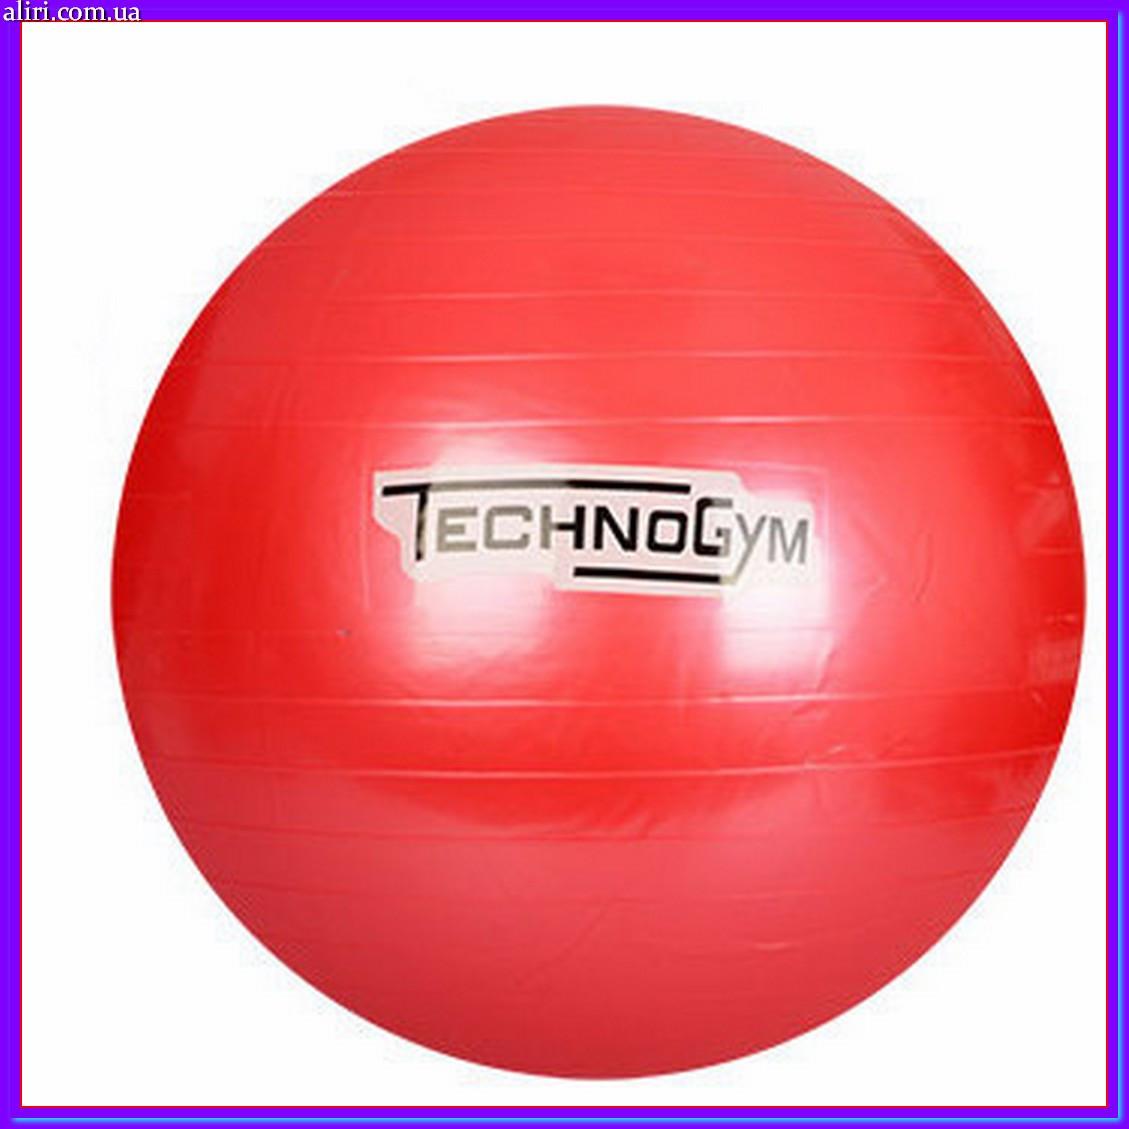 Мяч для фитнеса Techno Gym MS 0983 красный 75 см